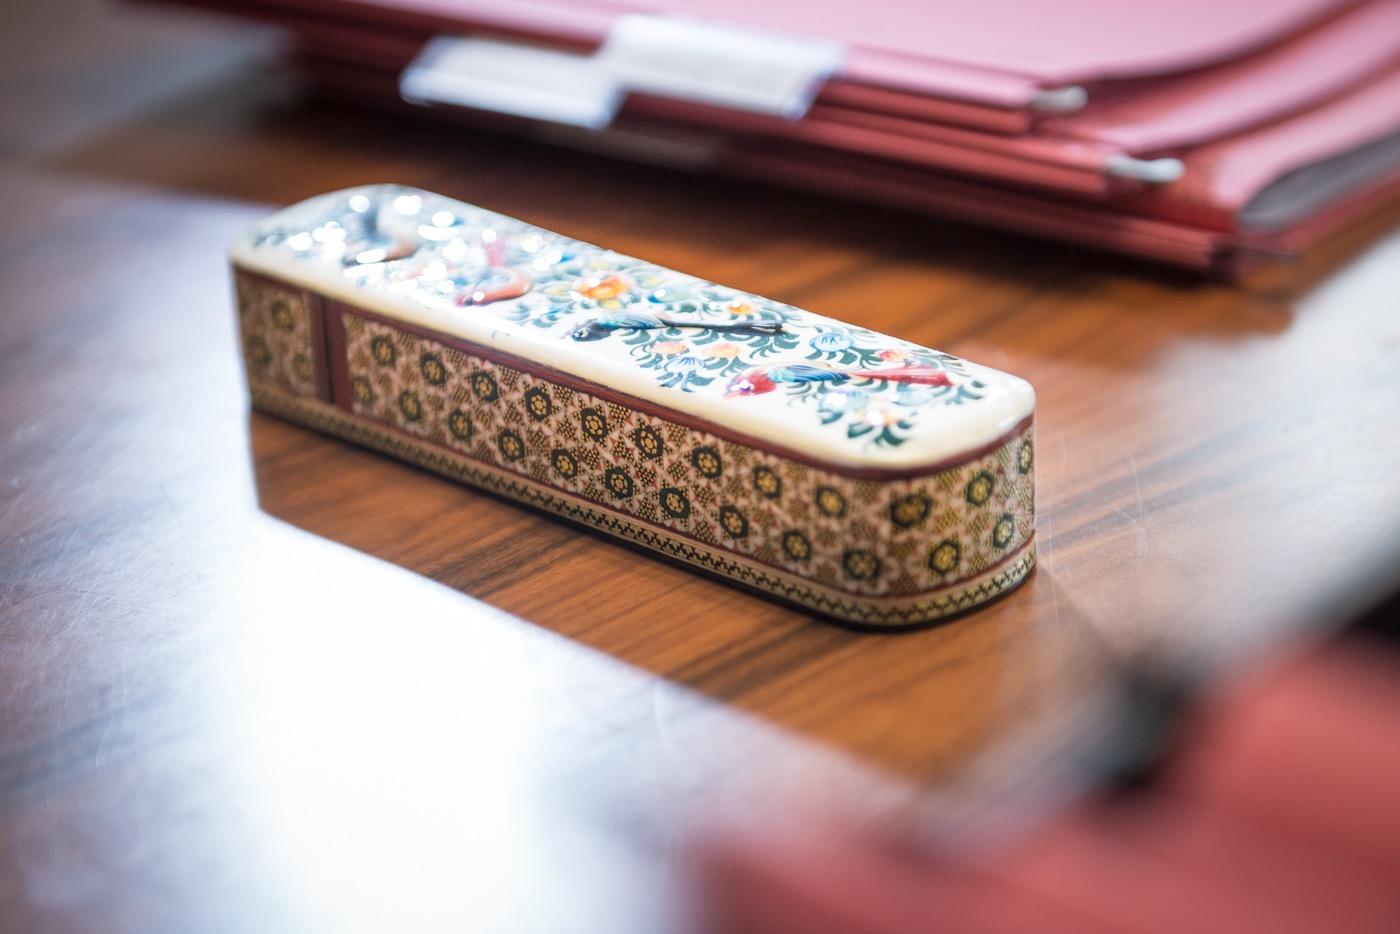 Blick ins Büro: Gesetzbuch (oben) und ein Stifteetui ihrer Großmutter.